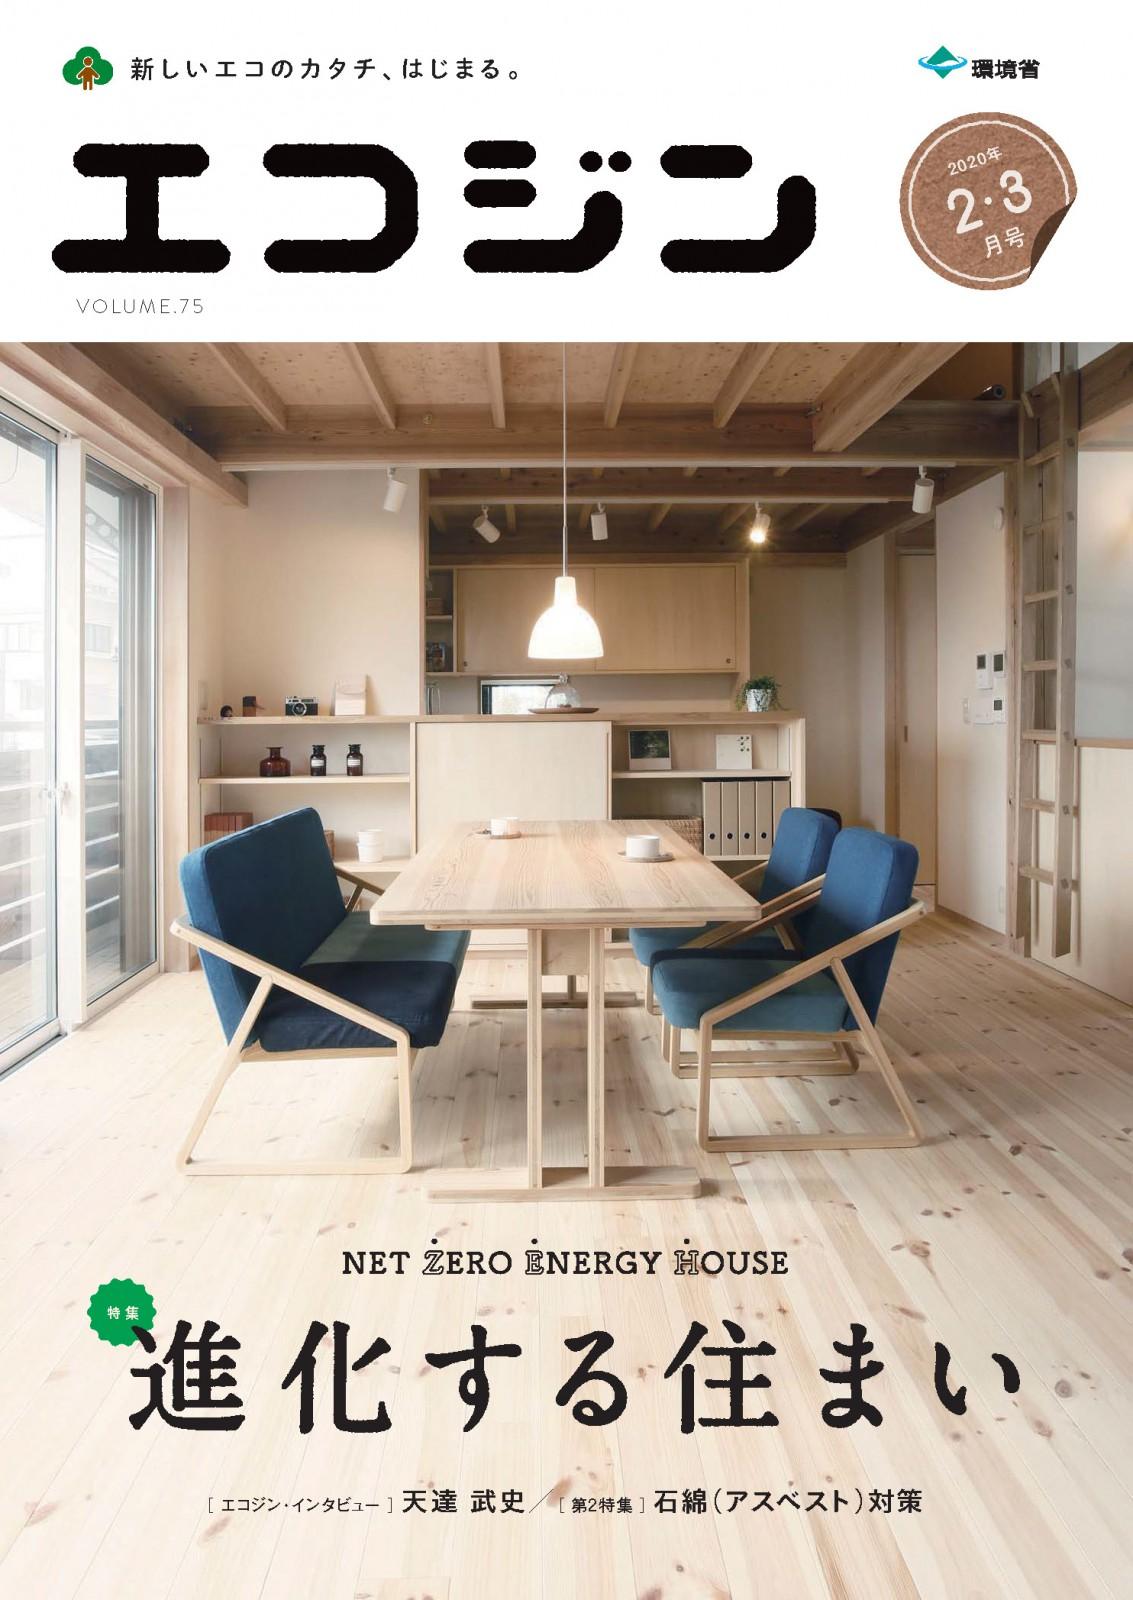 環境省広報誌エコジンにて「秋津町の家」掲載❗️